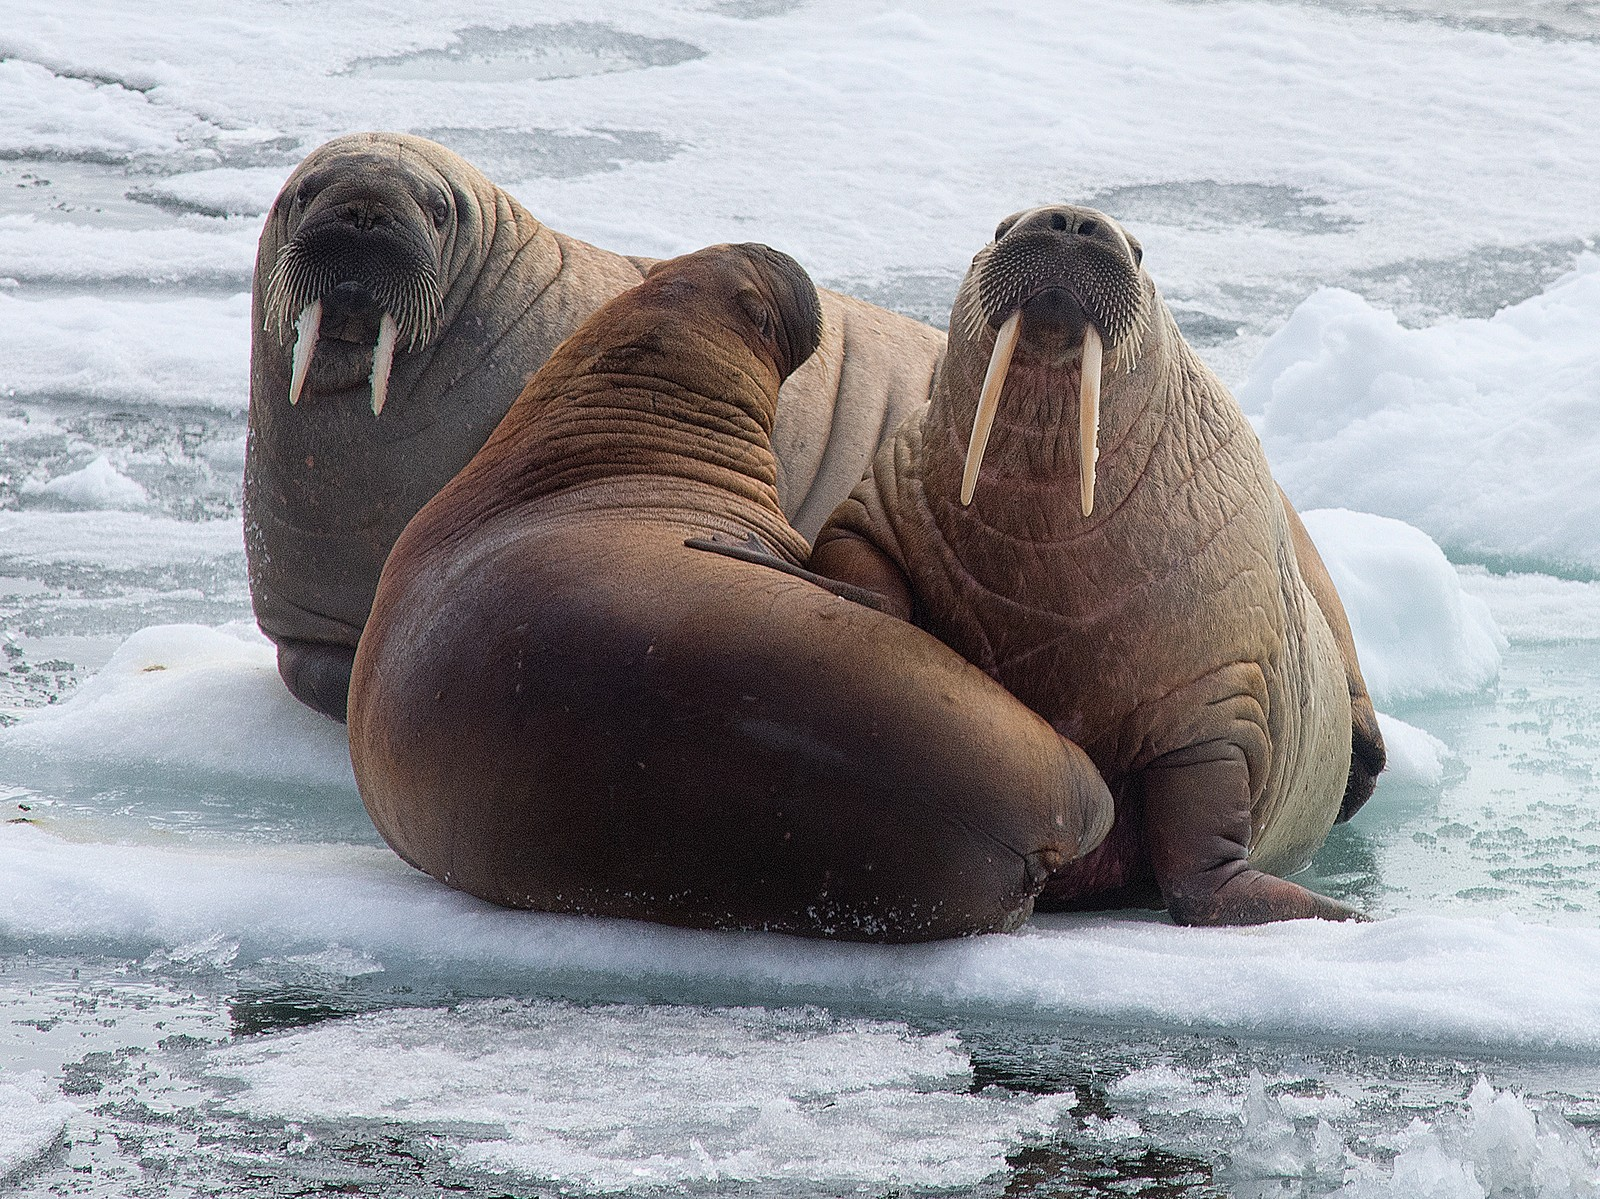 SKARPE TENNER: Hvalrossen er den største selen i Arktis. De karakteristiske, store støttennene kan hos hannene bli over en meter lange og veie fem kilo. Hvalrosser finner mat på havbunnen nedenfor iskanten.